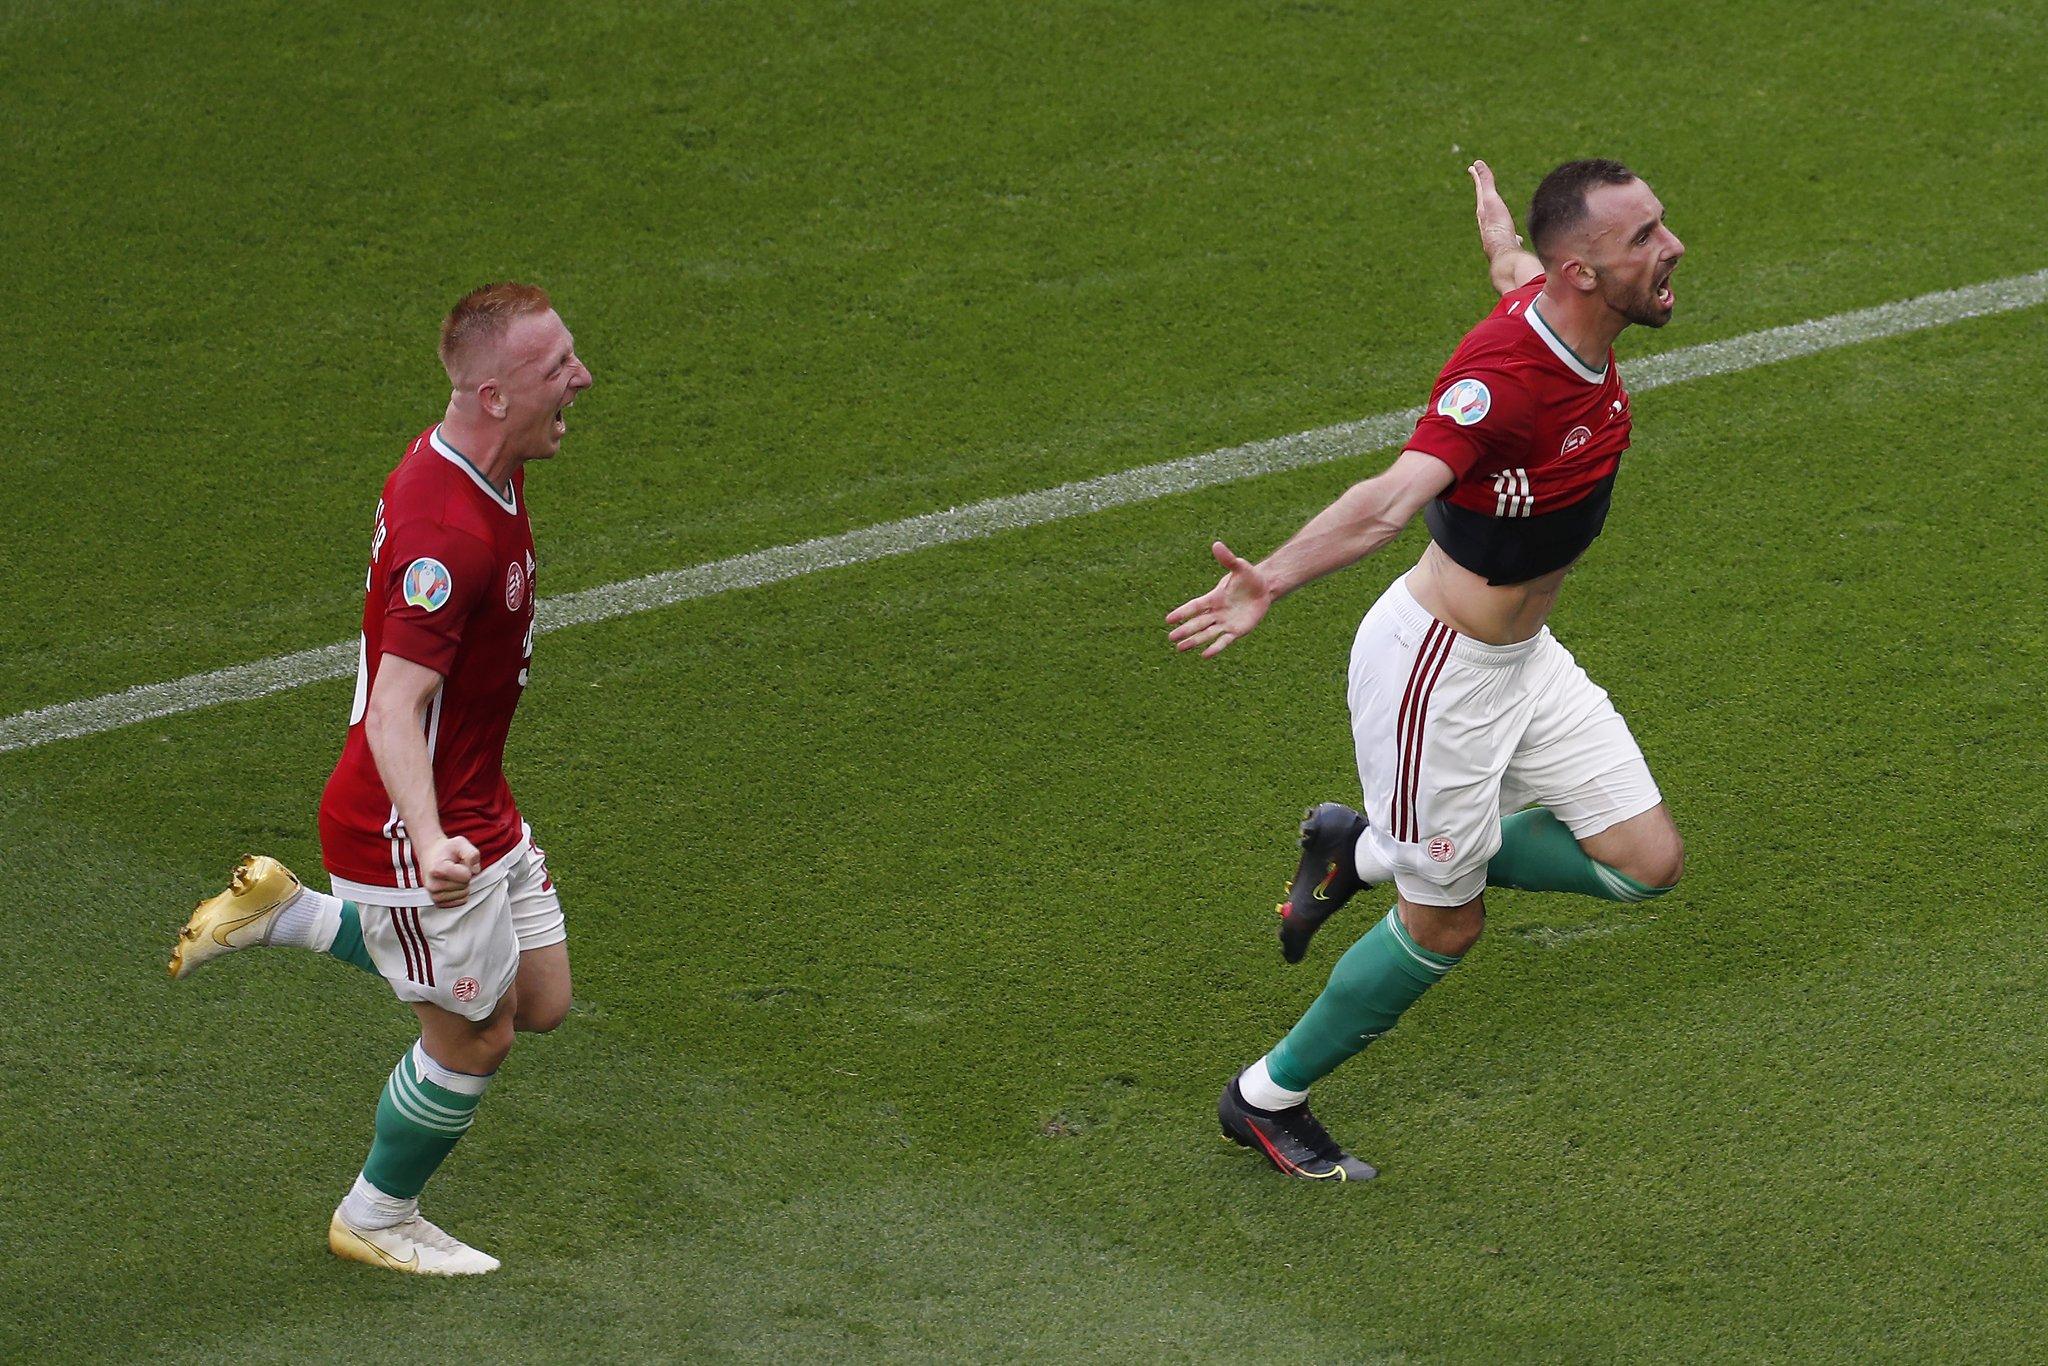 Francia inceppata, l'Ungheria ne approfitta: 1-1 - Per Sempre Calcio